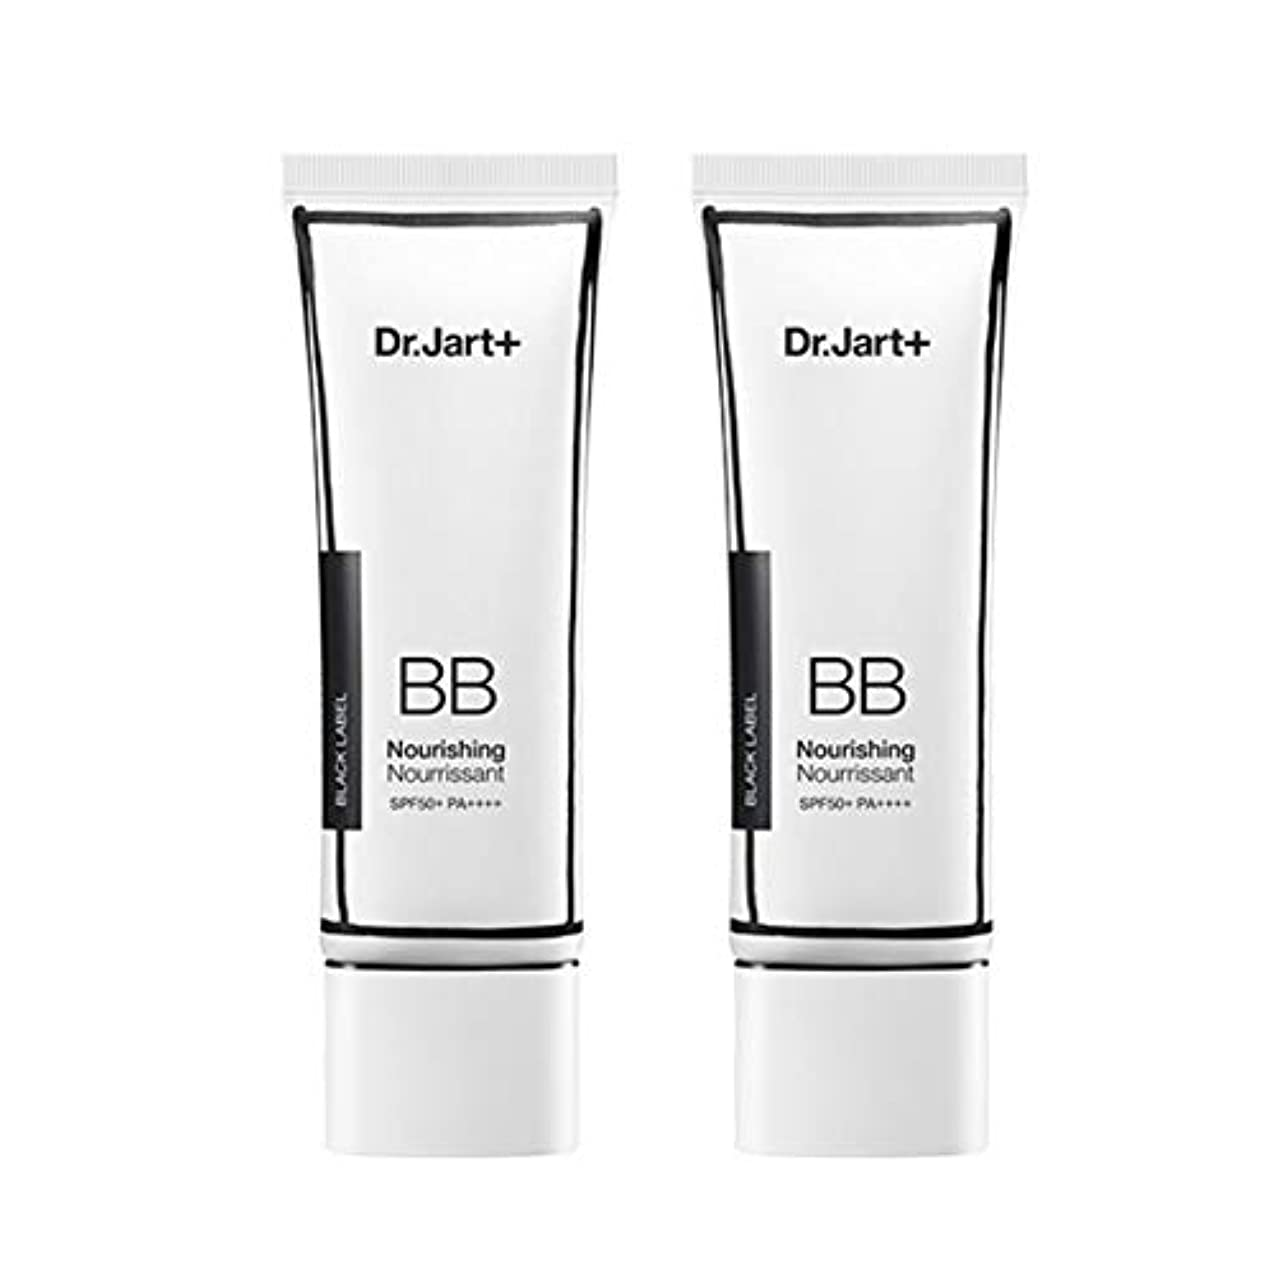 電子レンジ業界マラソンドクタージャルトゥザメイクアップノリシンビューティーbalm 50ml x 2本セットBBクリーム、Dr.Jart Dermakeup Nourishing Beauty Balm 50ml x 2ea Set BB Cream...